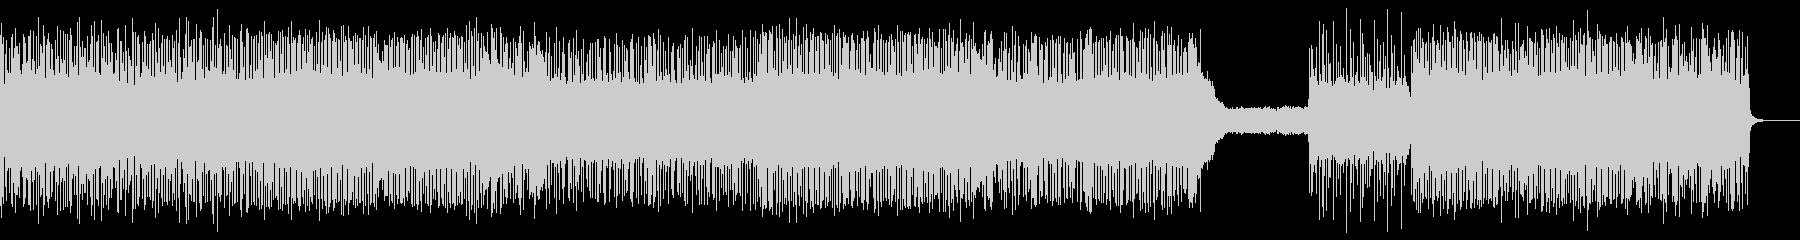 熱いギターロックBGM7_Lの未再生の波形